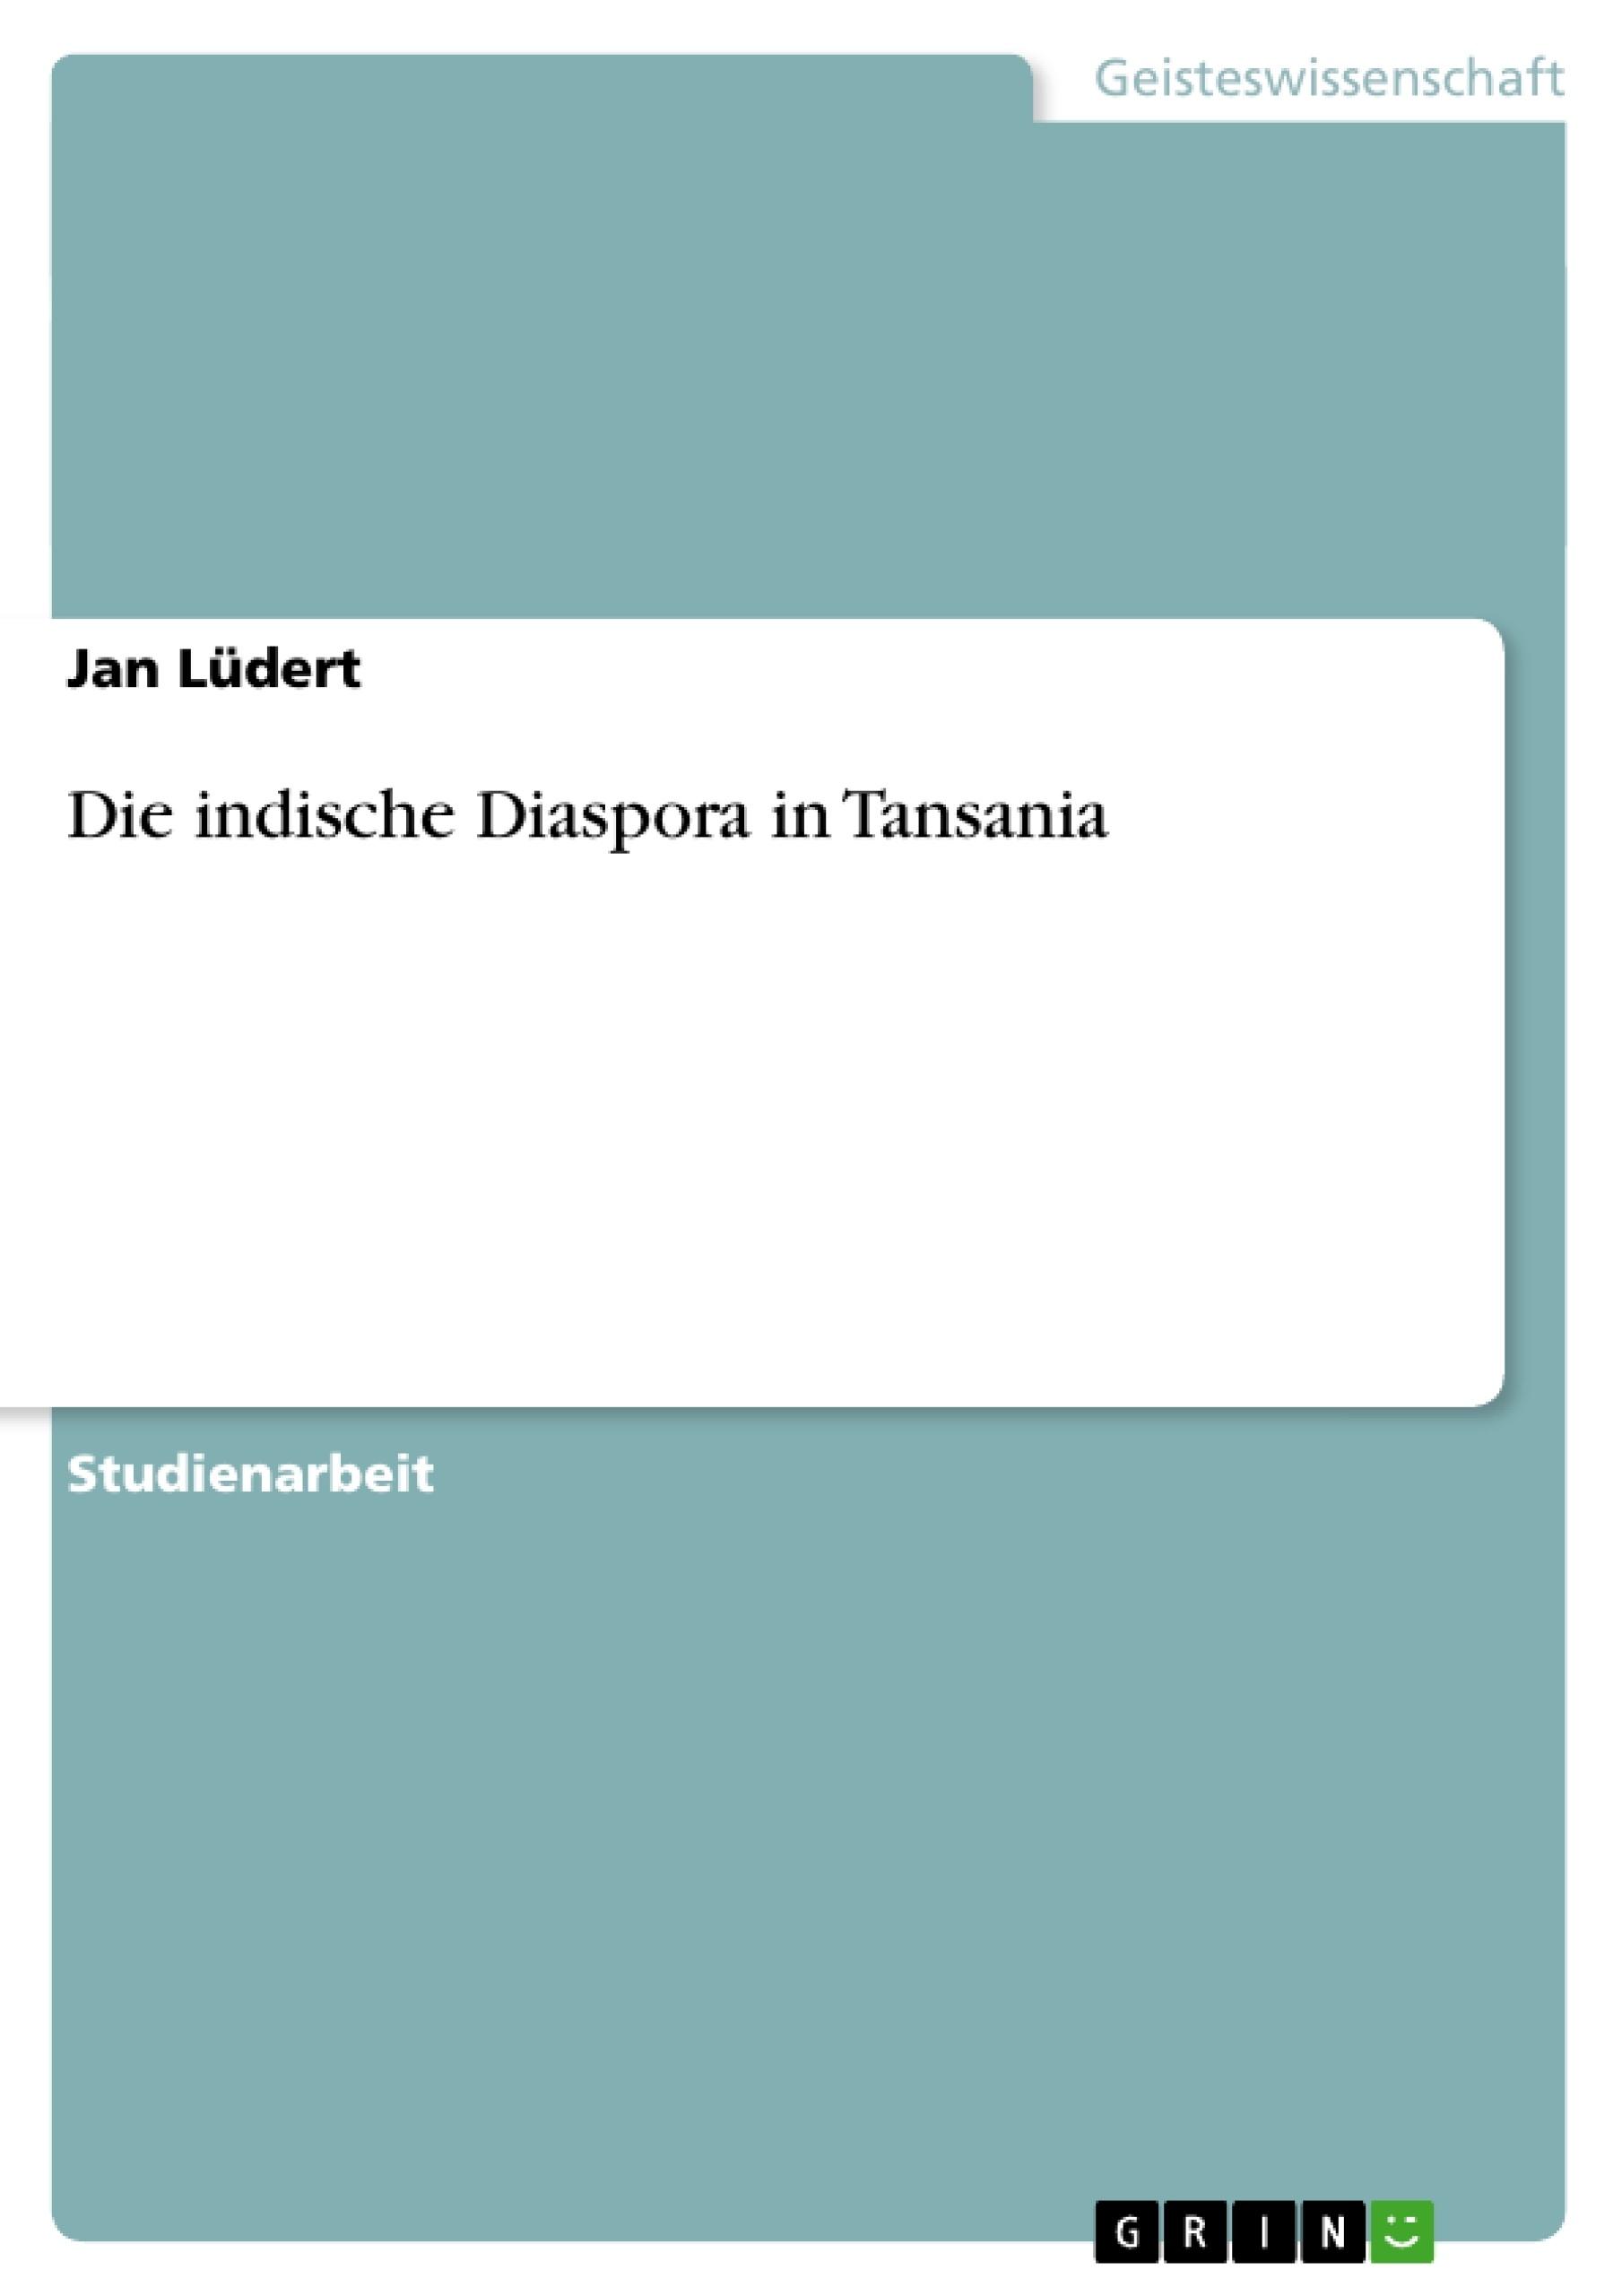 Titel: Die indische Diaspora in Tansania